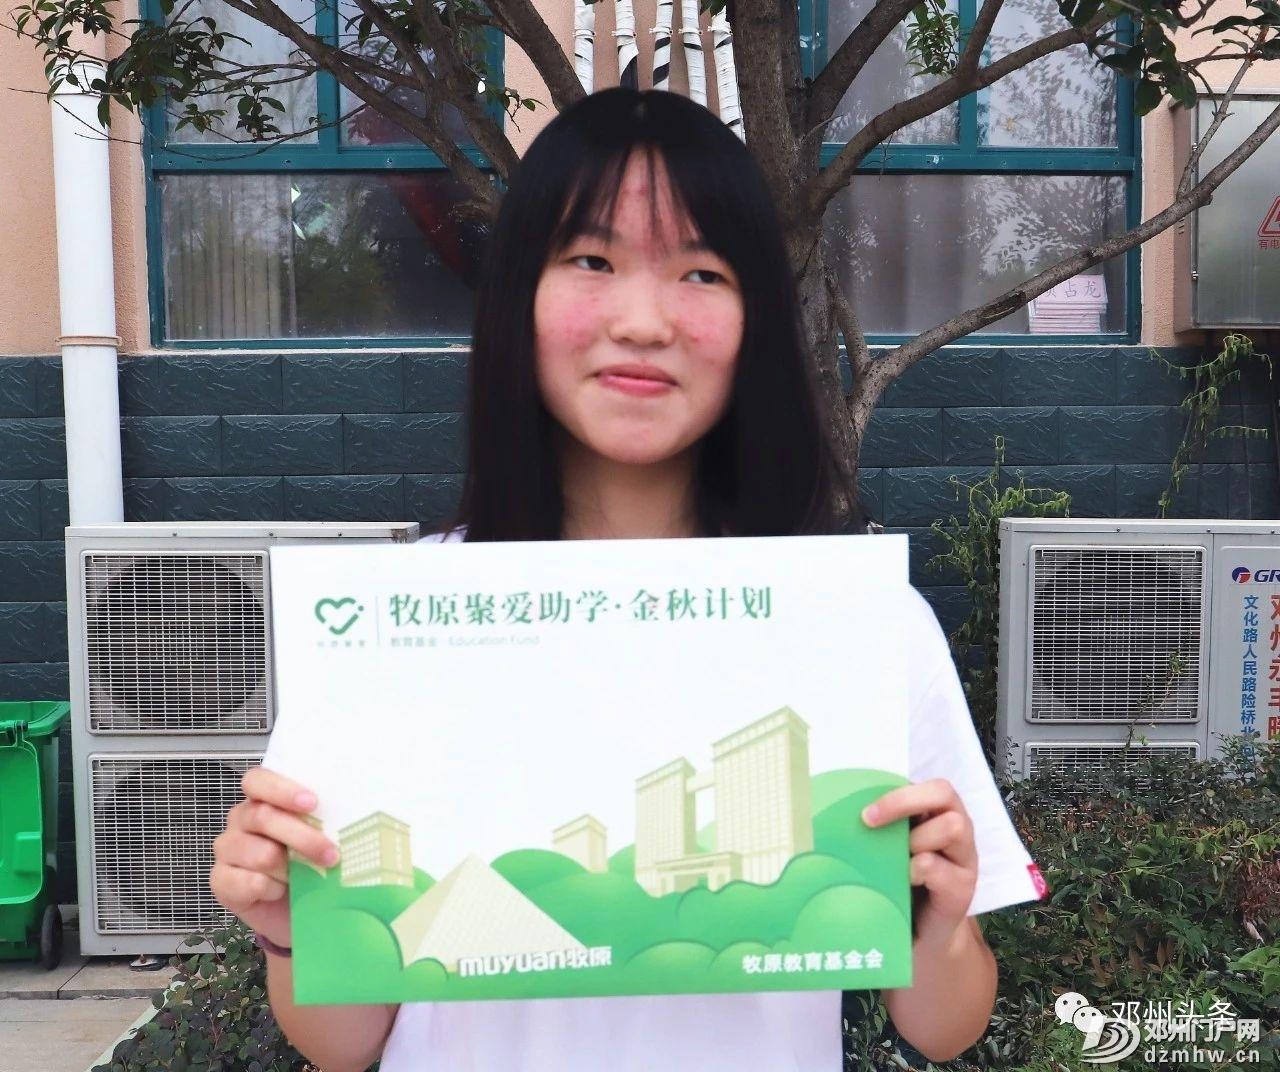 99.4万元,奖励这些优秀学生 - 邓州门户网|邓州网 - 842a65d654865c361d4229f73b3cdd8d.jpg